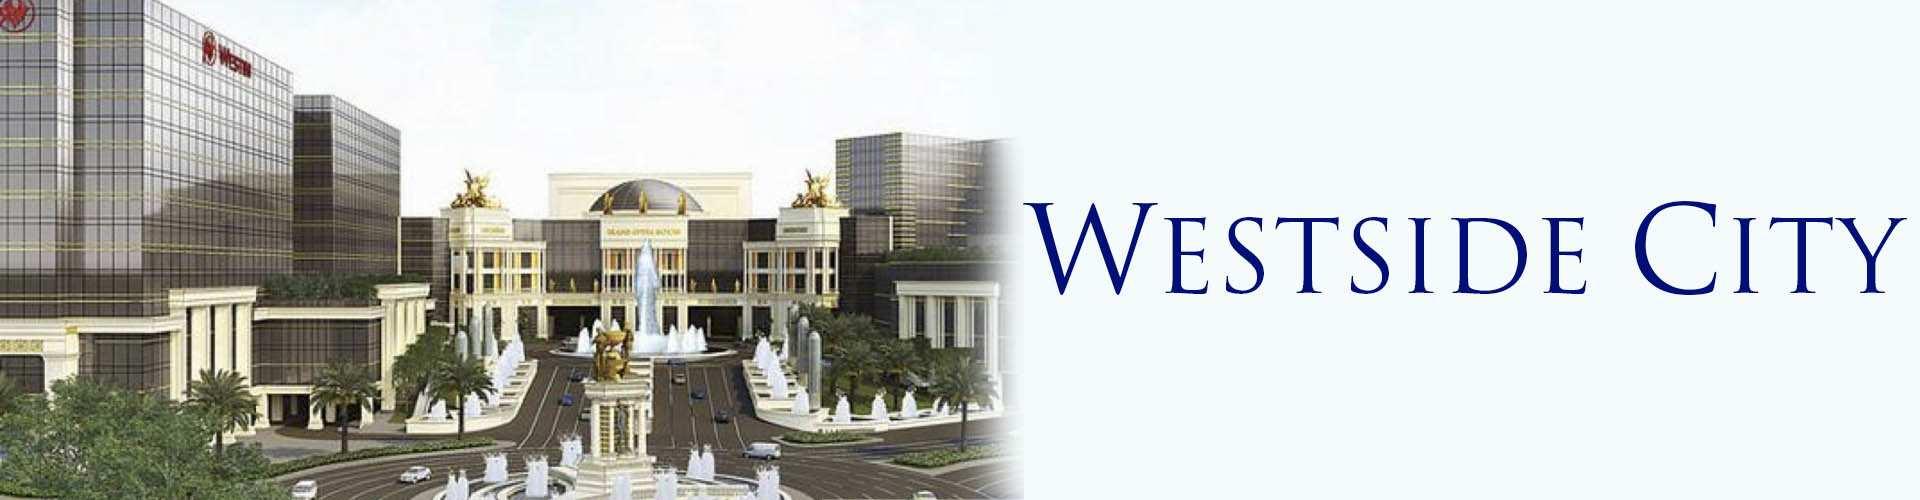 Suncity присоединяется к Manila Casino Resort для развития на Филиппинах